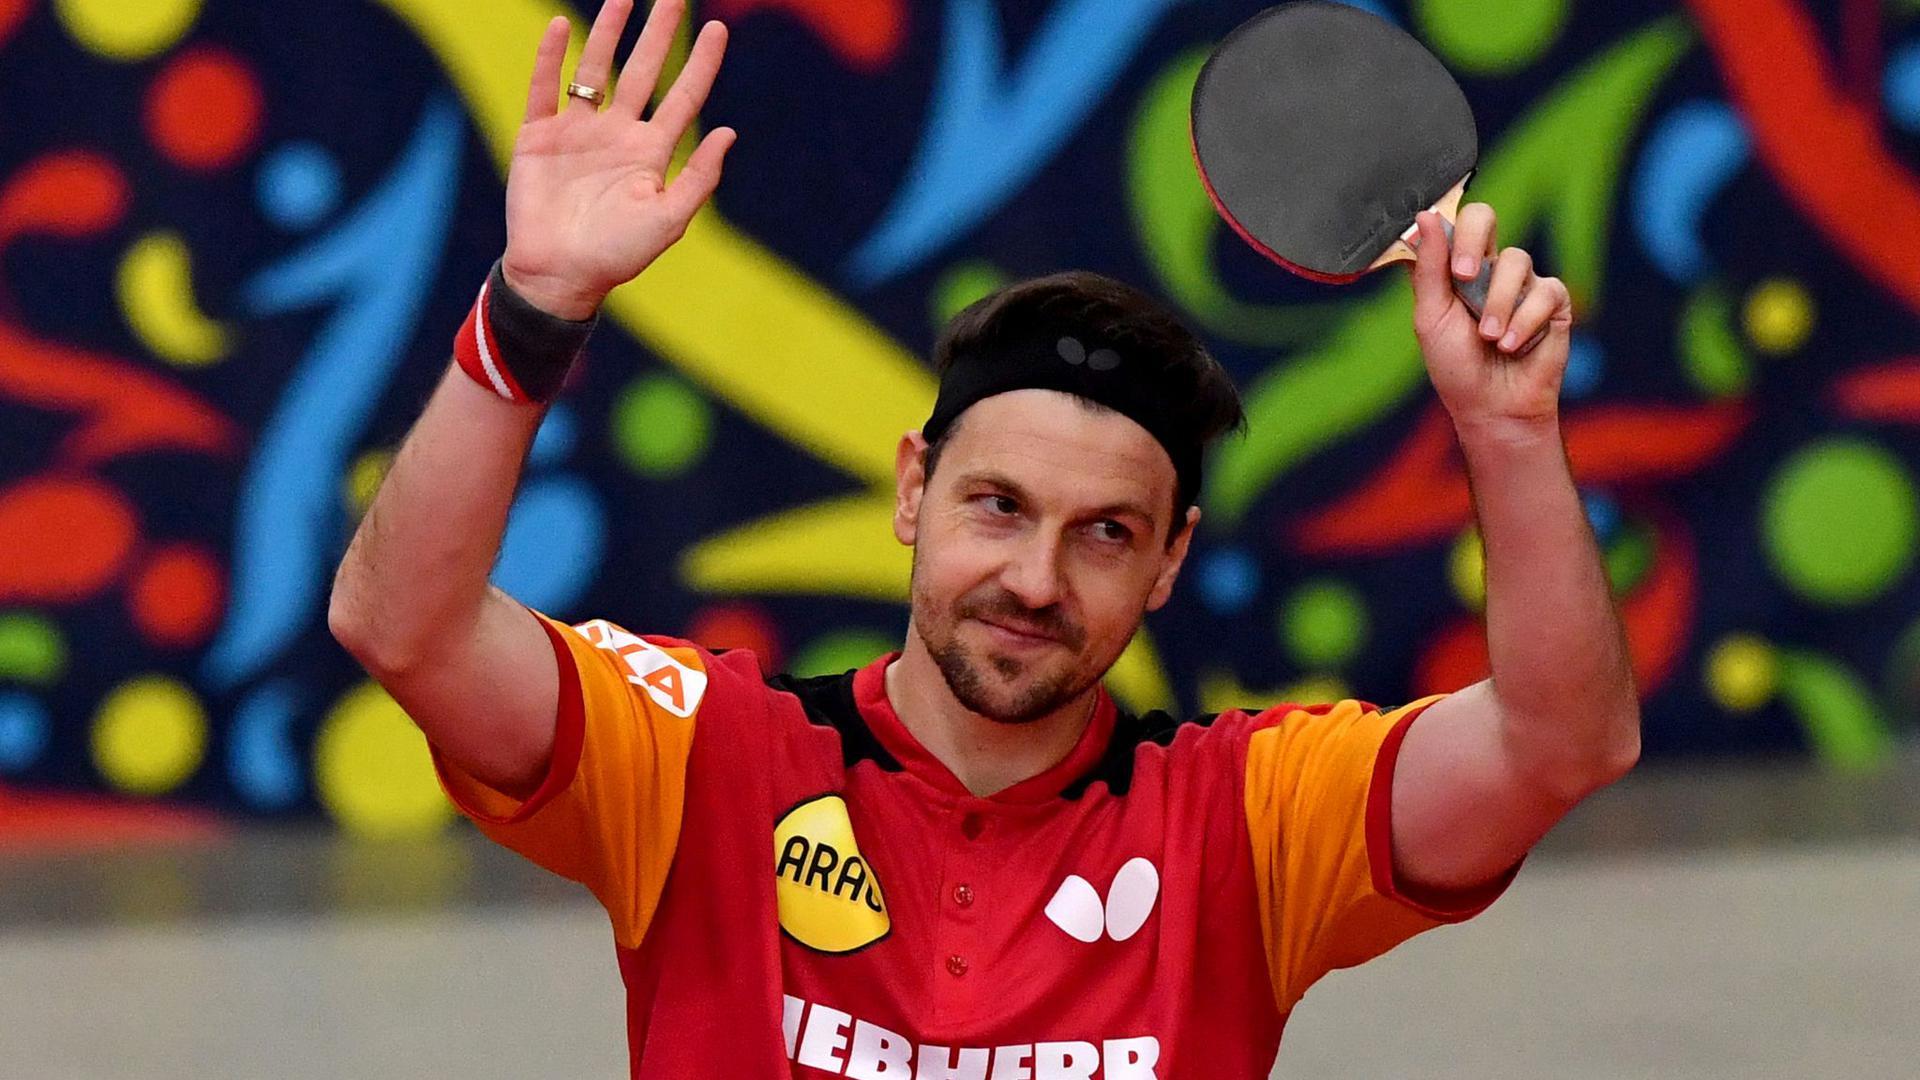 Hofft auf eine Olympia-Medaille in Tokio: Tischtennis-Star Timo Boll.